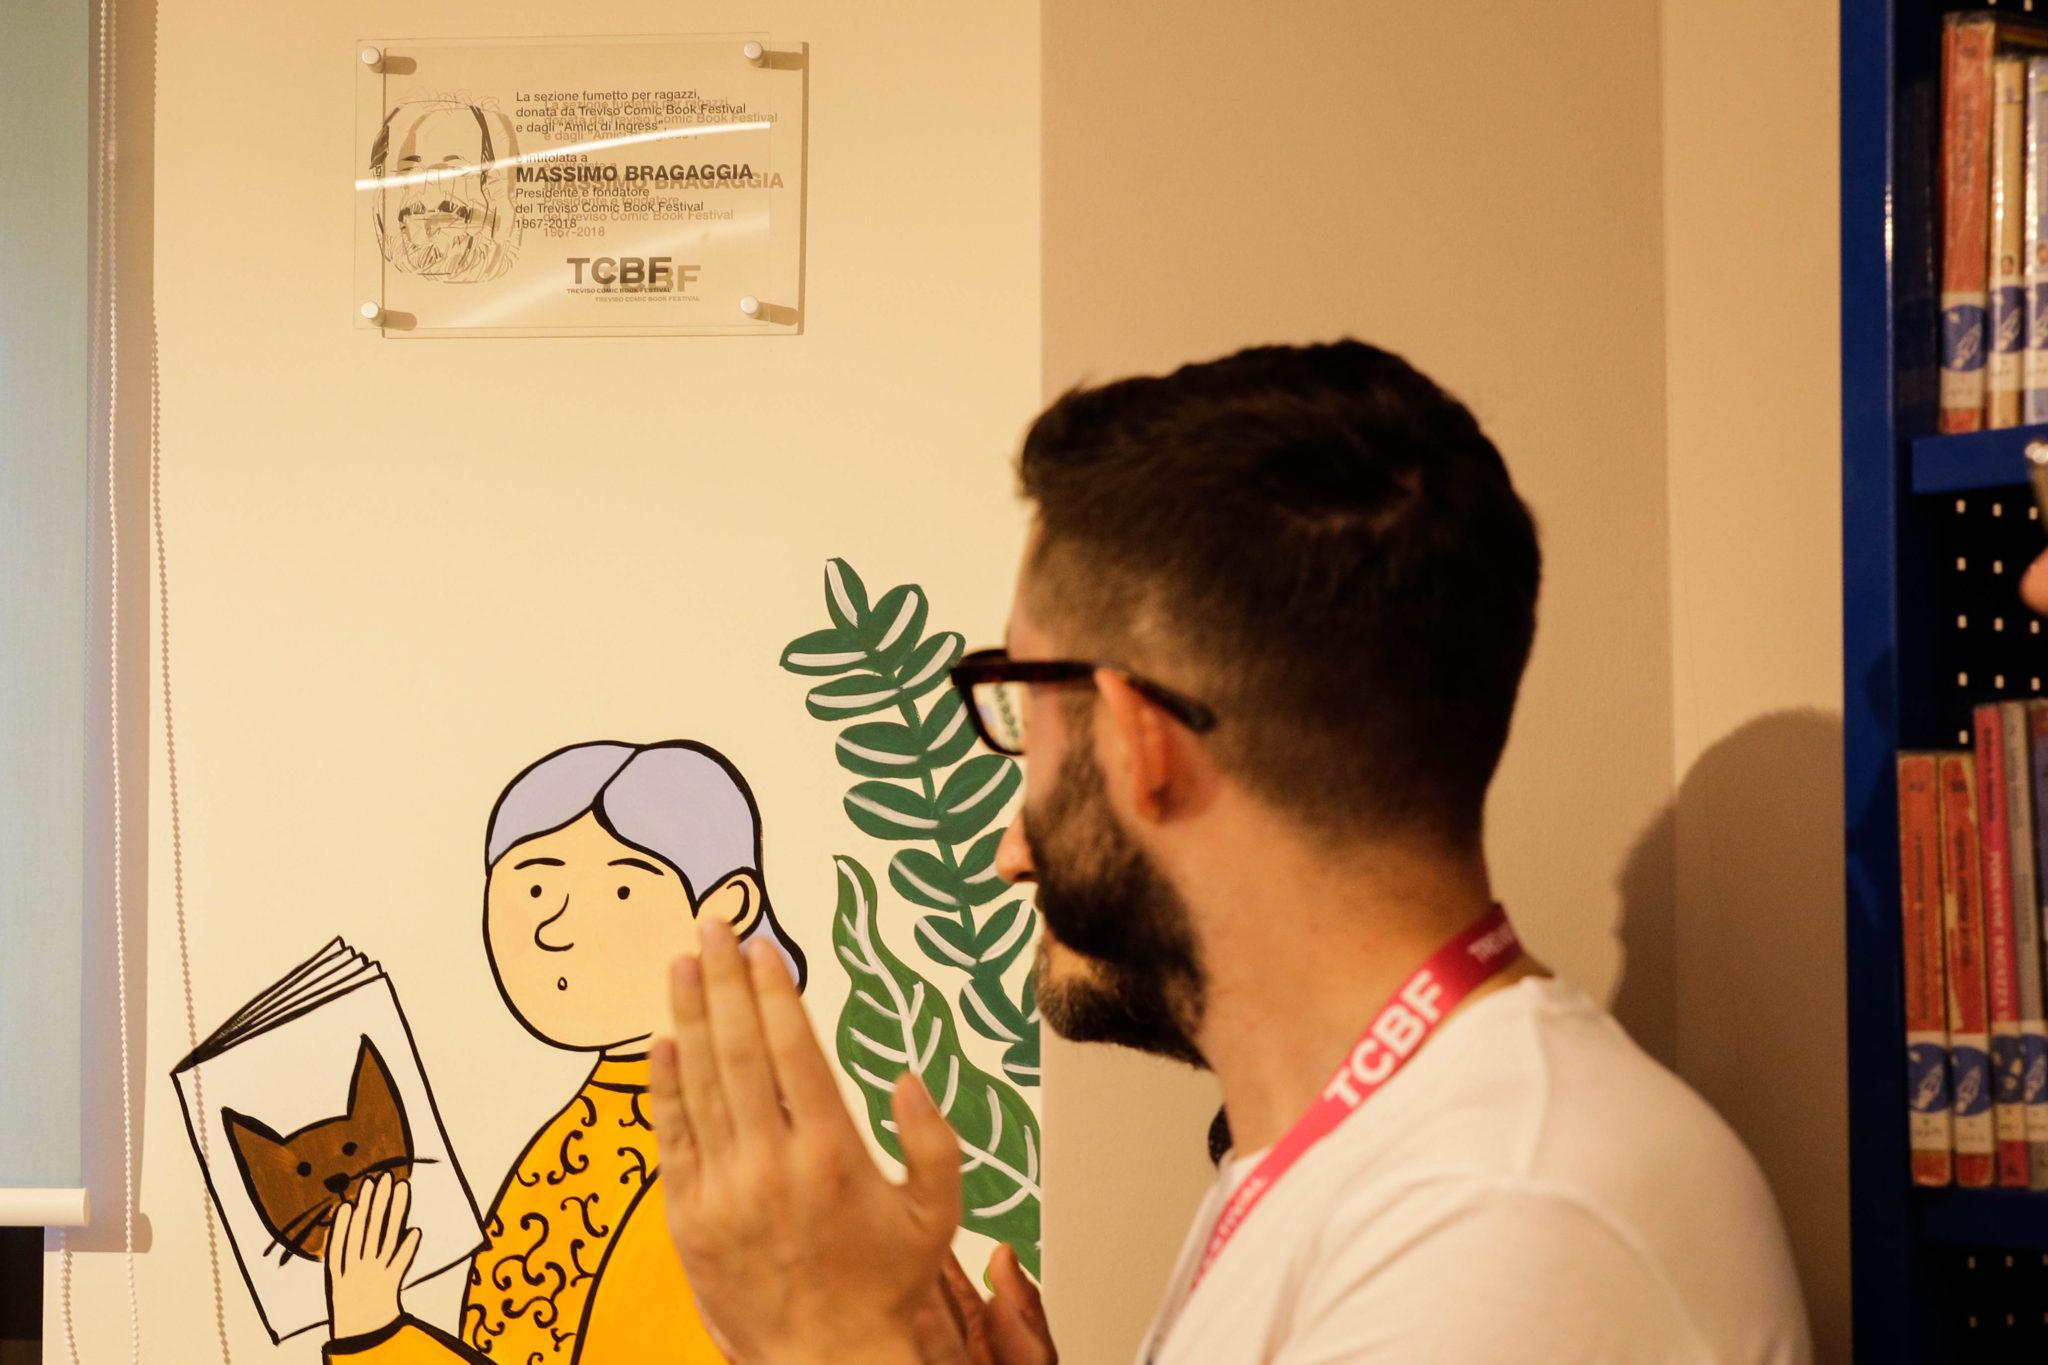 La 15° edizione del Treviso Comic Book Festival, tra fumetti, mostre e dj set. Il racconto dal primo giorno, all'ultima illustrazione